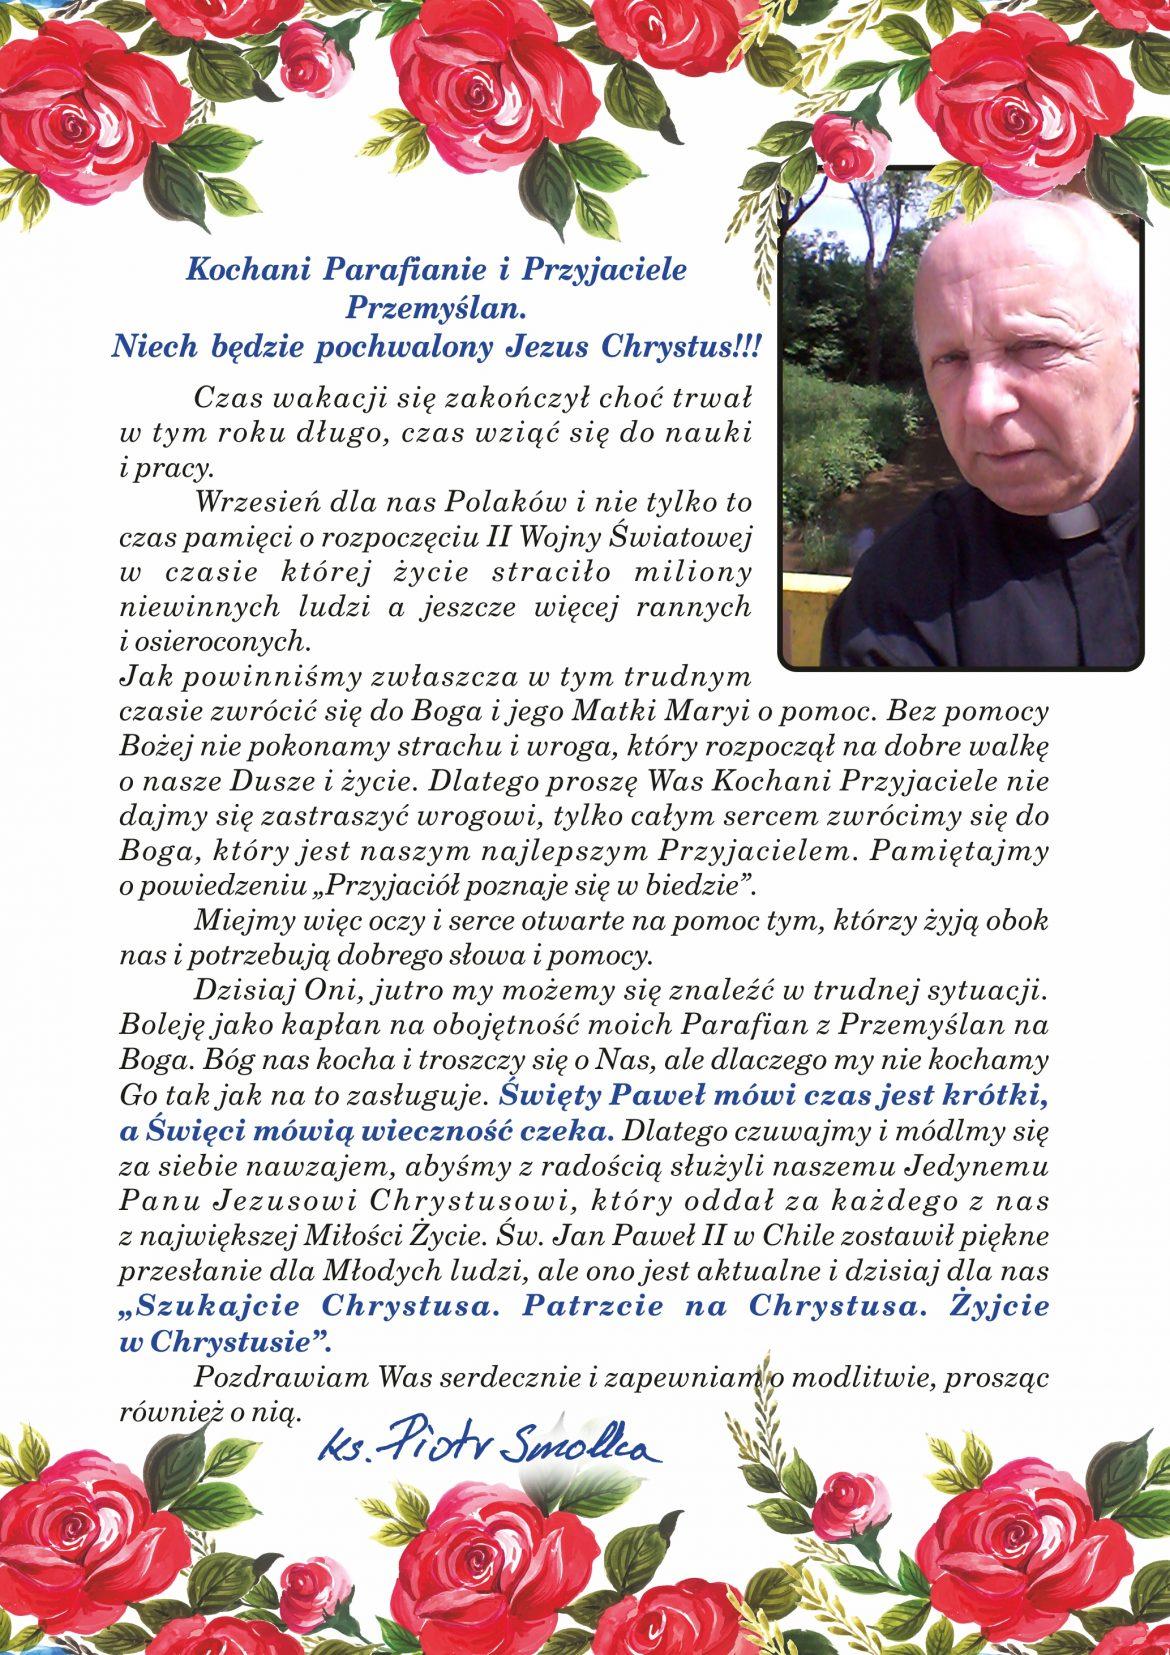 Krótki list Proboszcza na wrzesień 2020